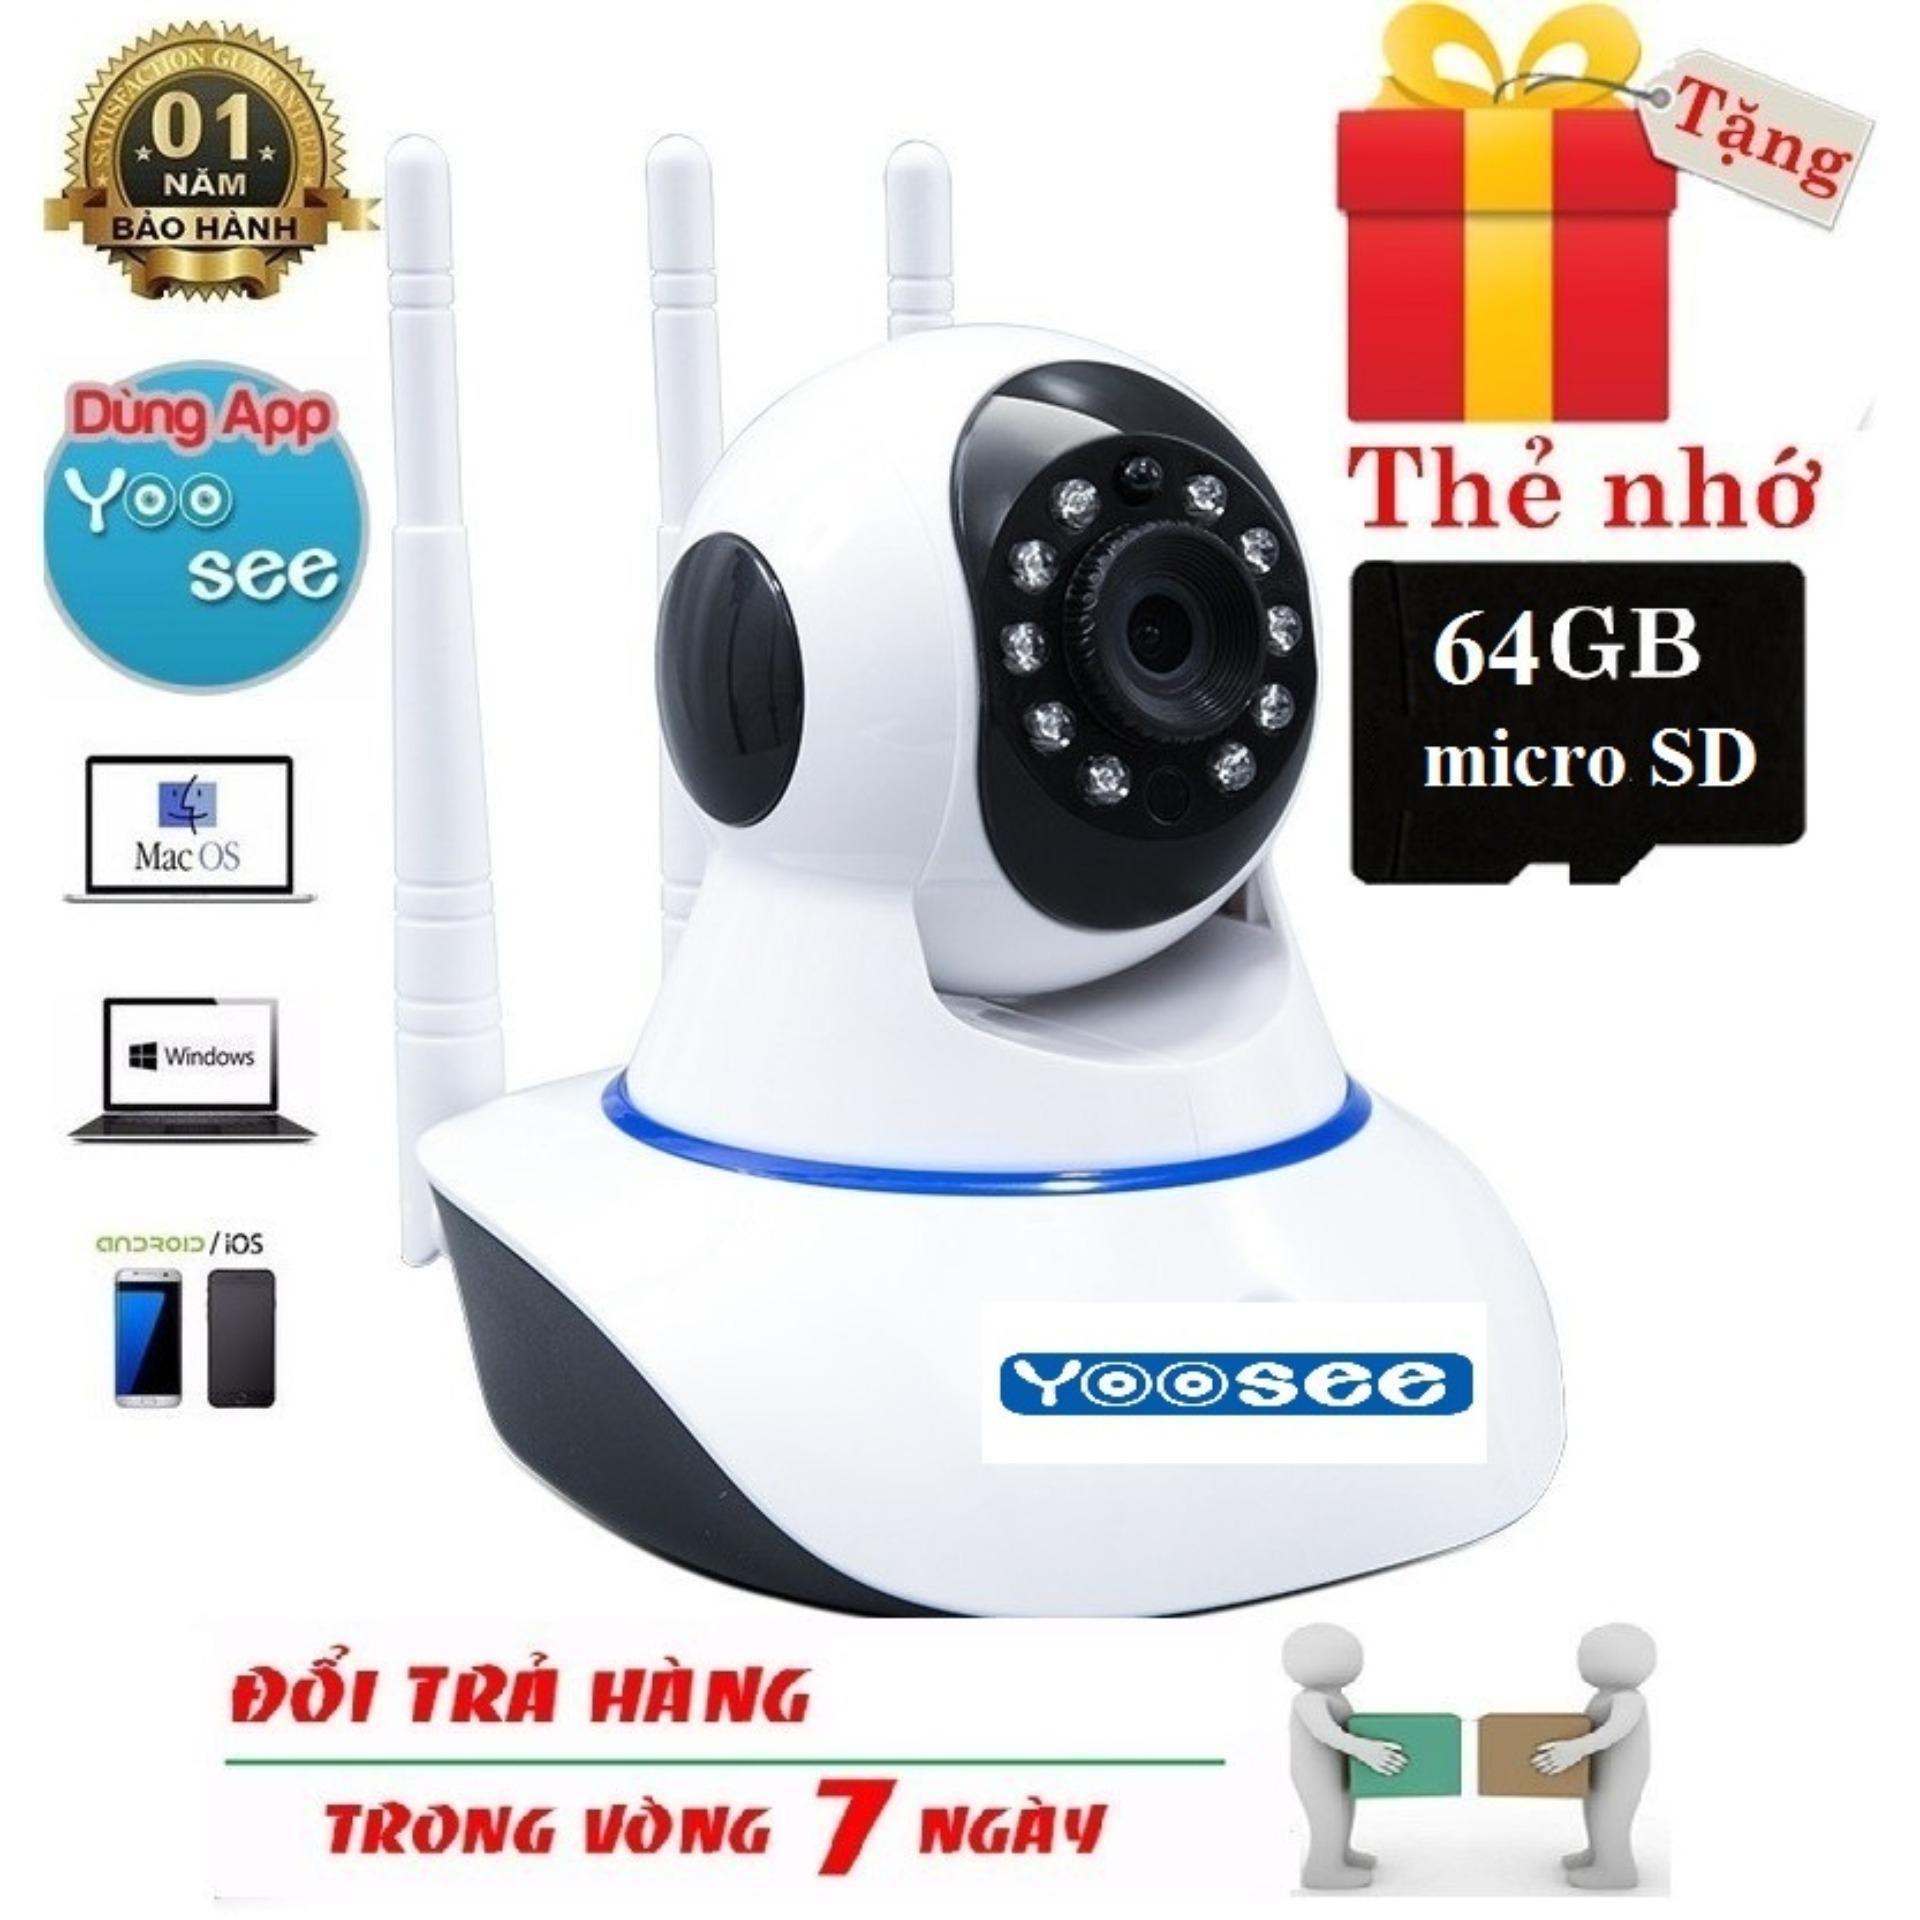 [ Tặng Thẻ Nhớ 64 Gb - Bh 12 Tháng - 1 Đổi 1 Trong 7 Ngày ] Camera Wifi - Yoosee Wifi SiÊu NÉt 2.0 Đàm Thoại 2 Chiều Quay 360 Độ Full Hd By Phu Kien Gia Tot 686.